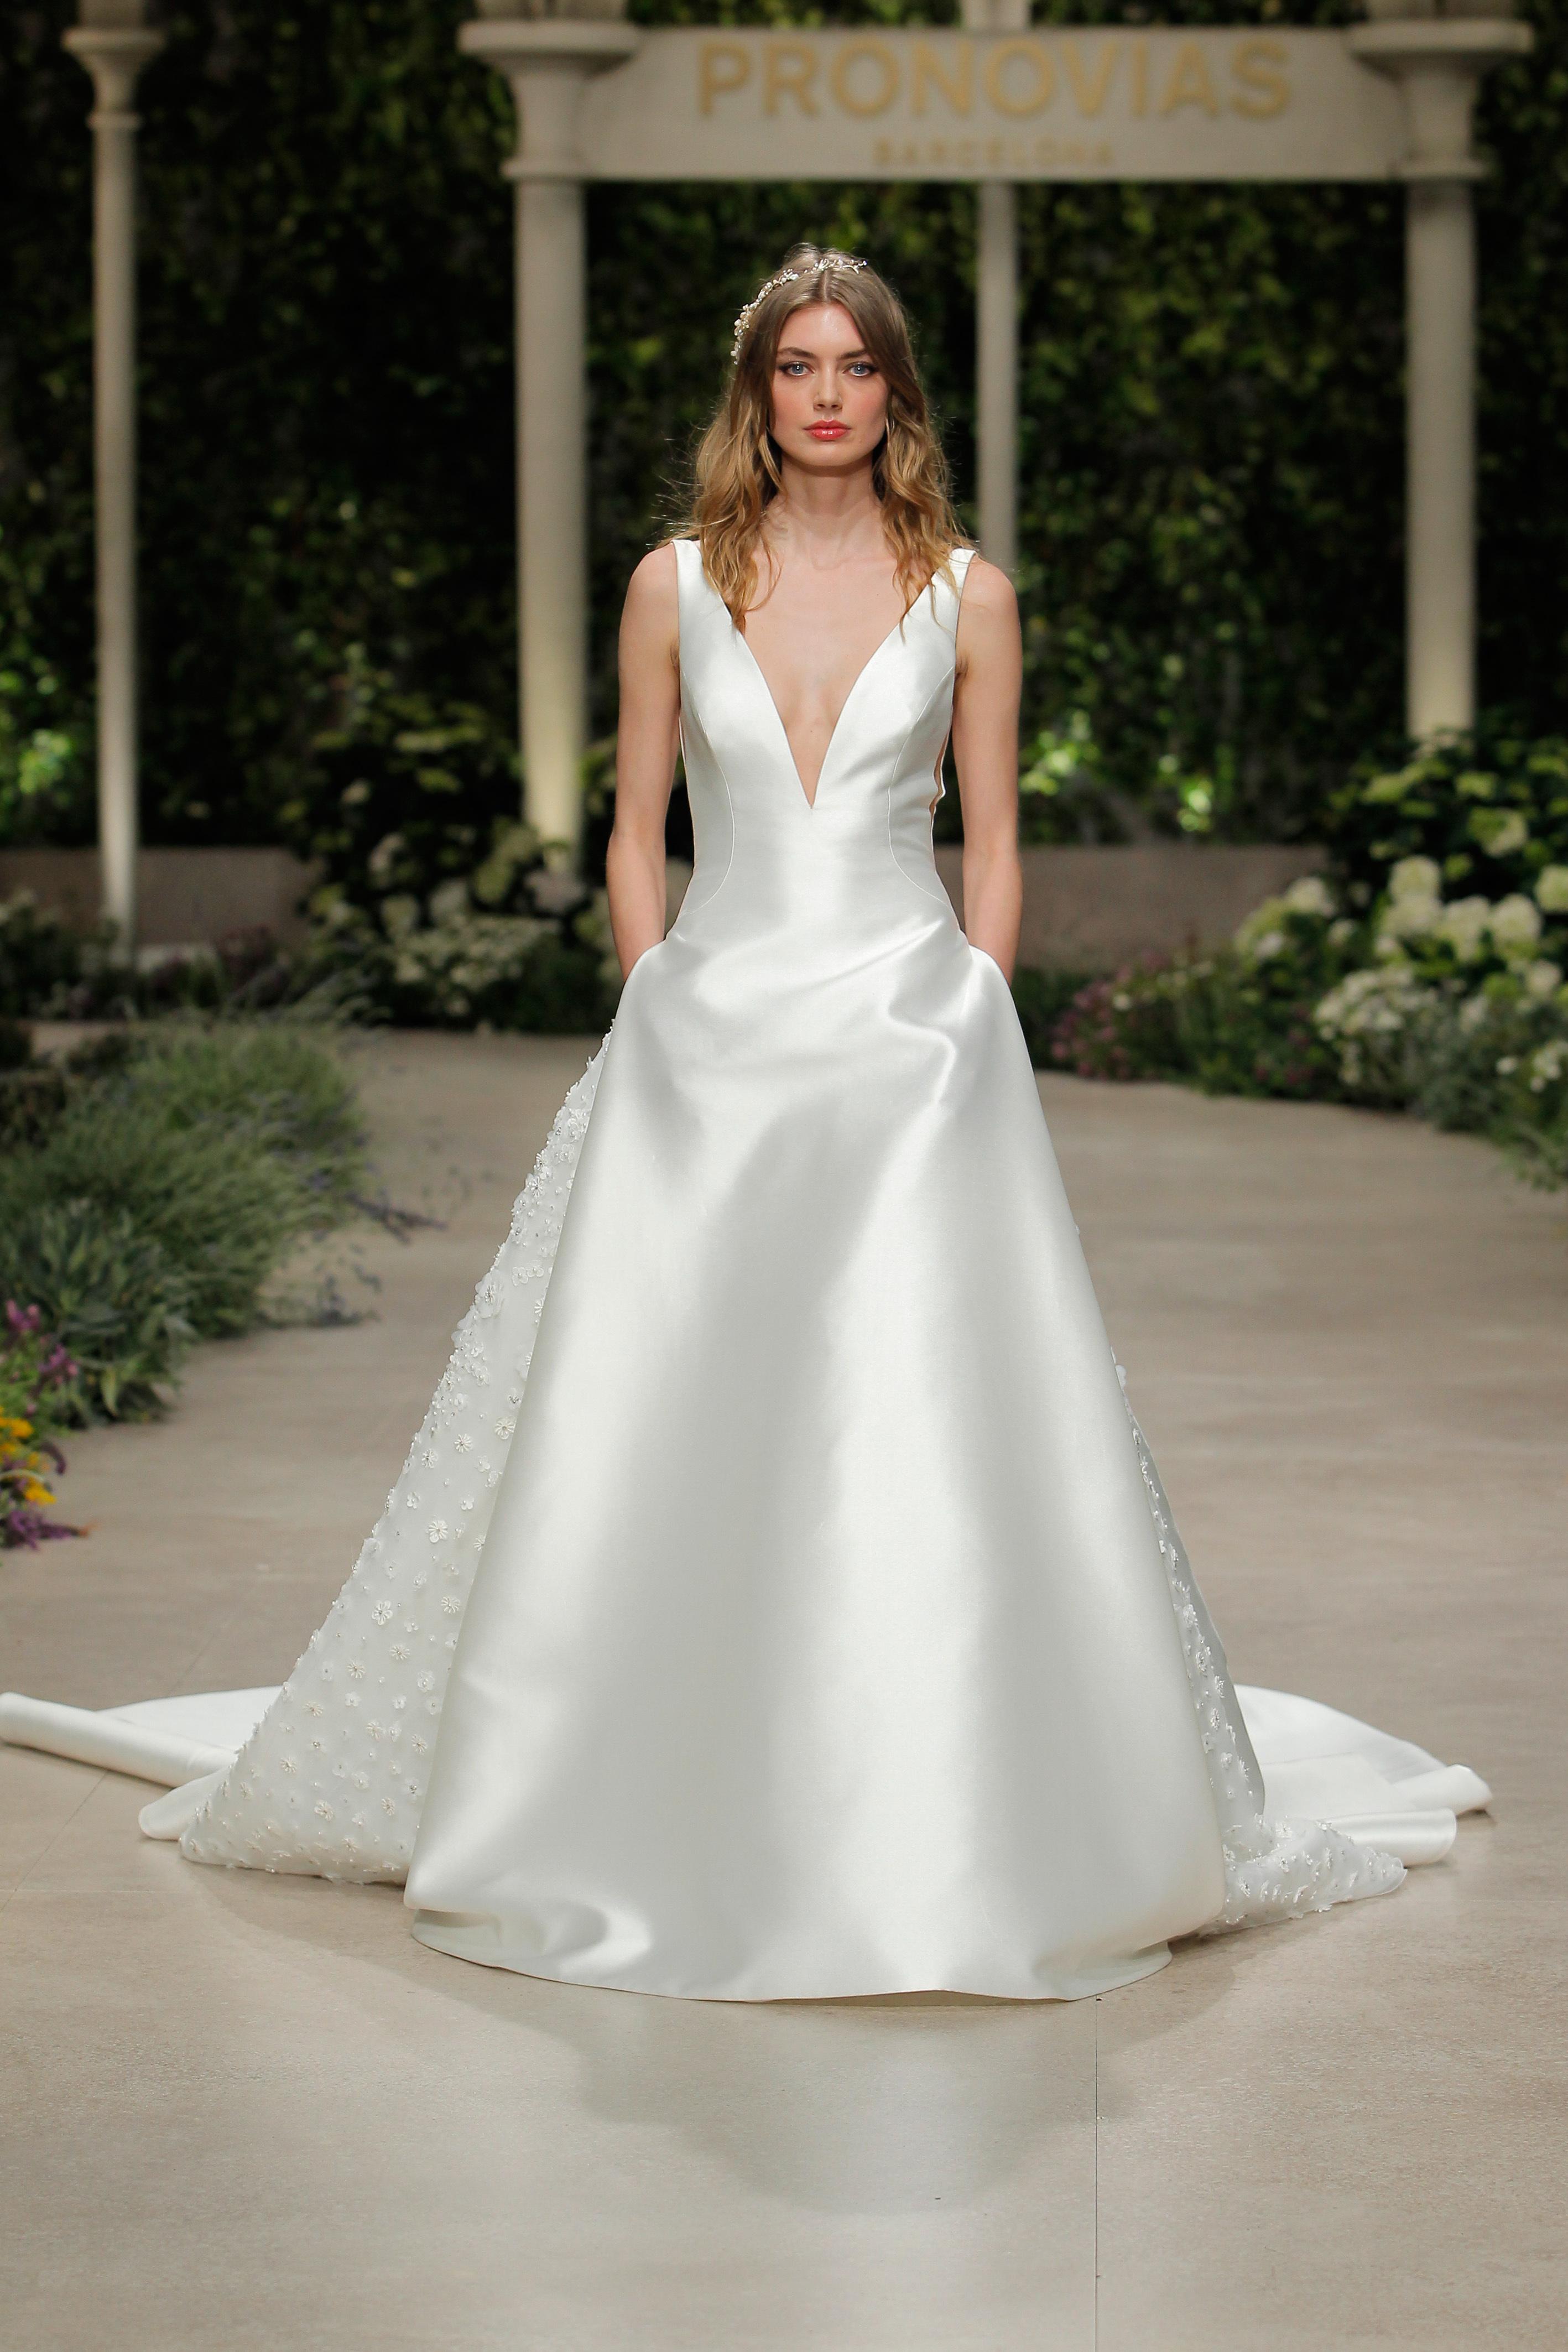 pronovias wedding dress spring 2019 v-neck satin